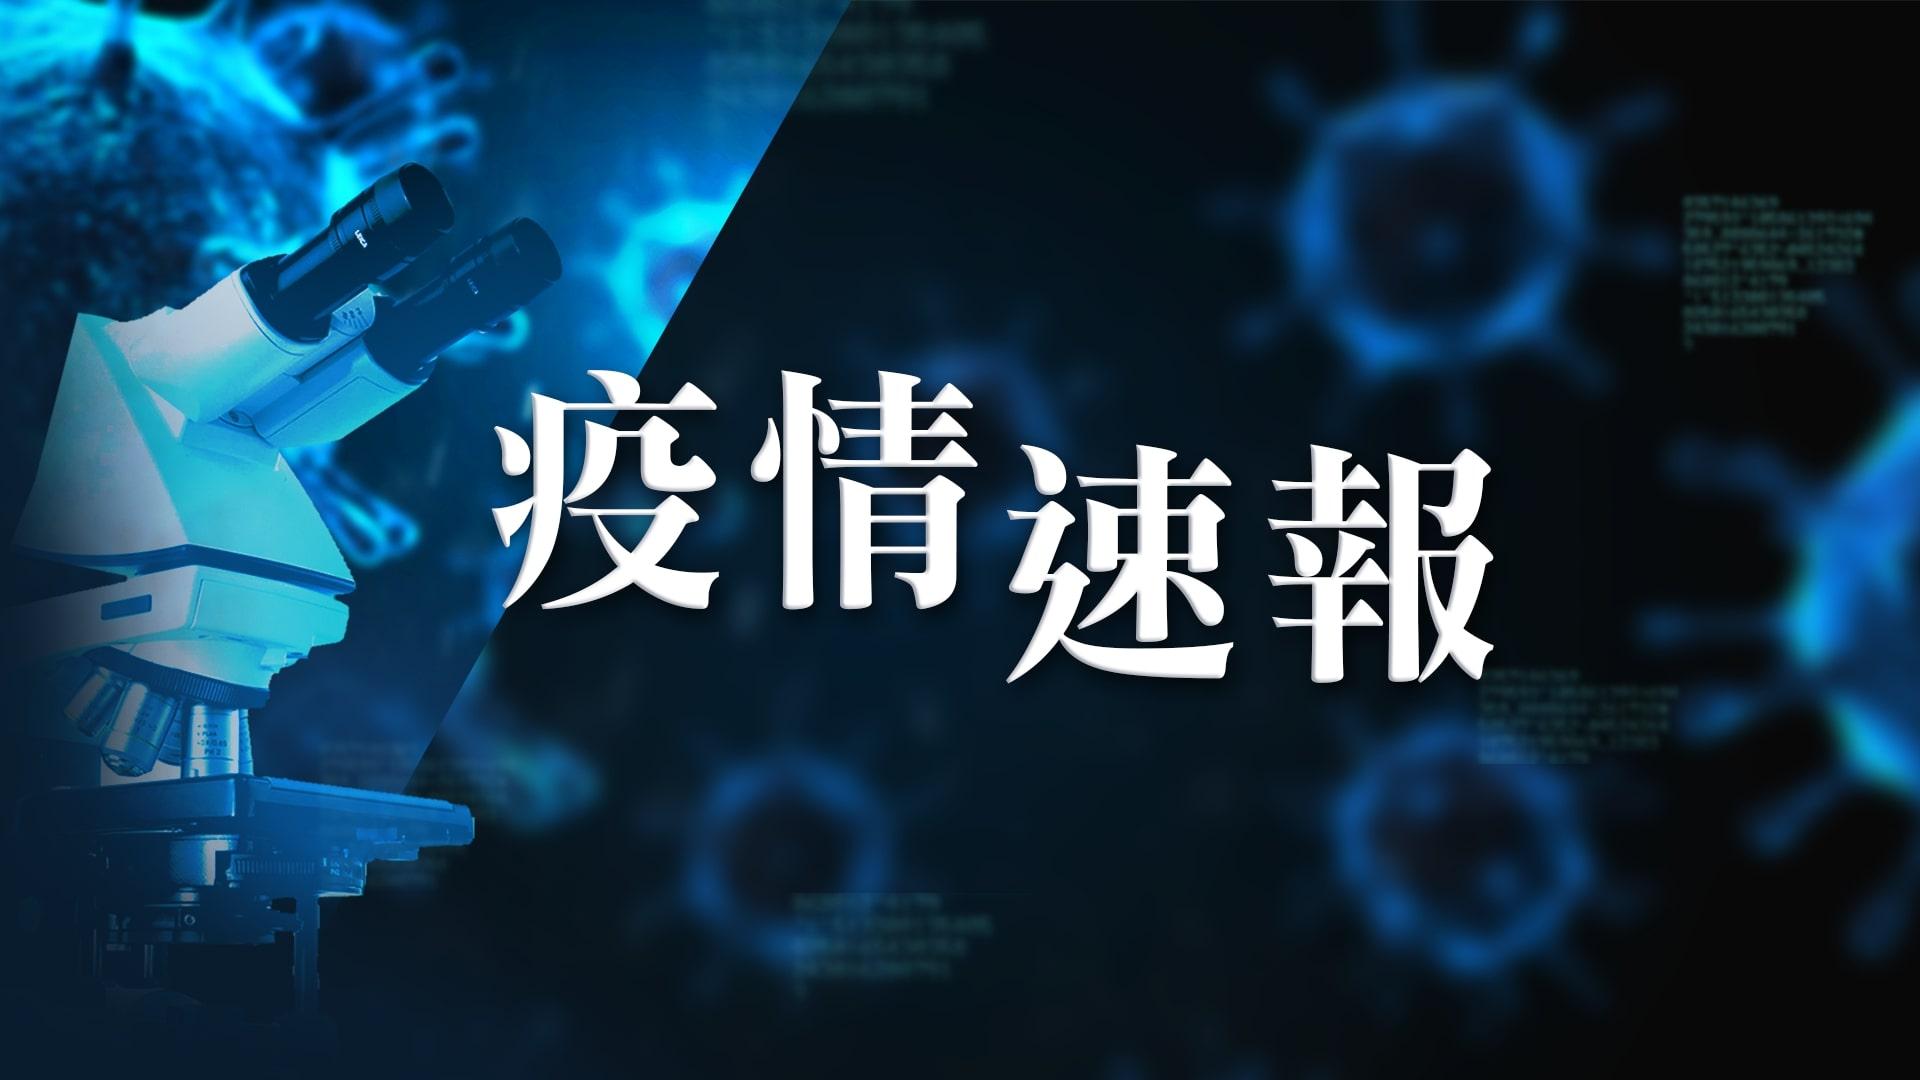 【6月25日疫情速報】(22:30)